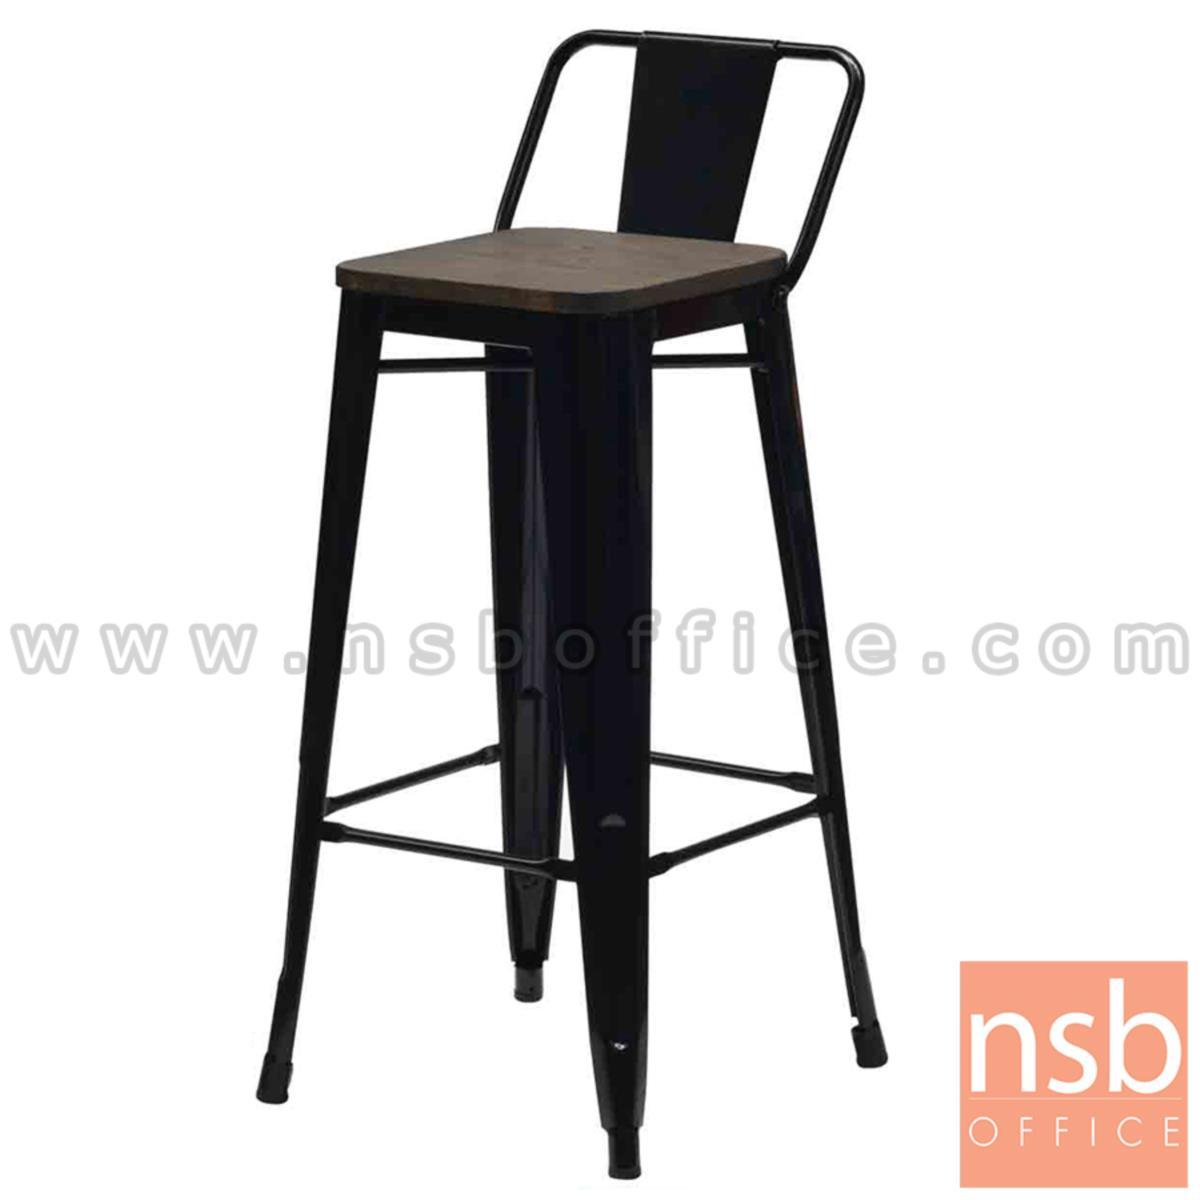 B18A089:เก้าอี้บาร์สูงเหล็กที่นั่งไม้ รุ่น Acadia (อคาเดีย) ขนาด 43.5W cm. โครงเหล็กพ่นสี